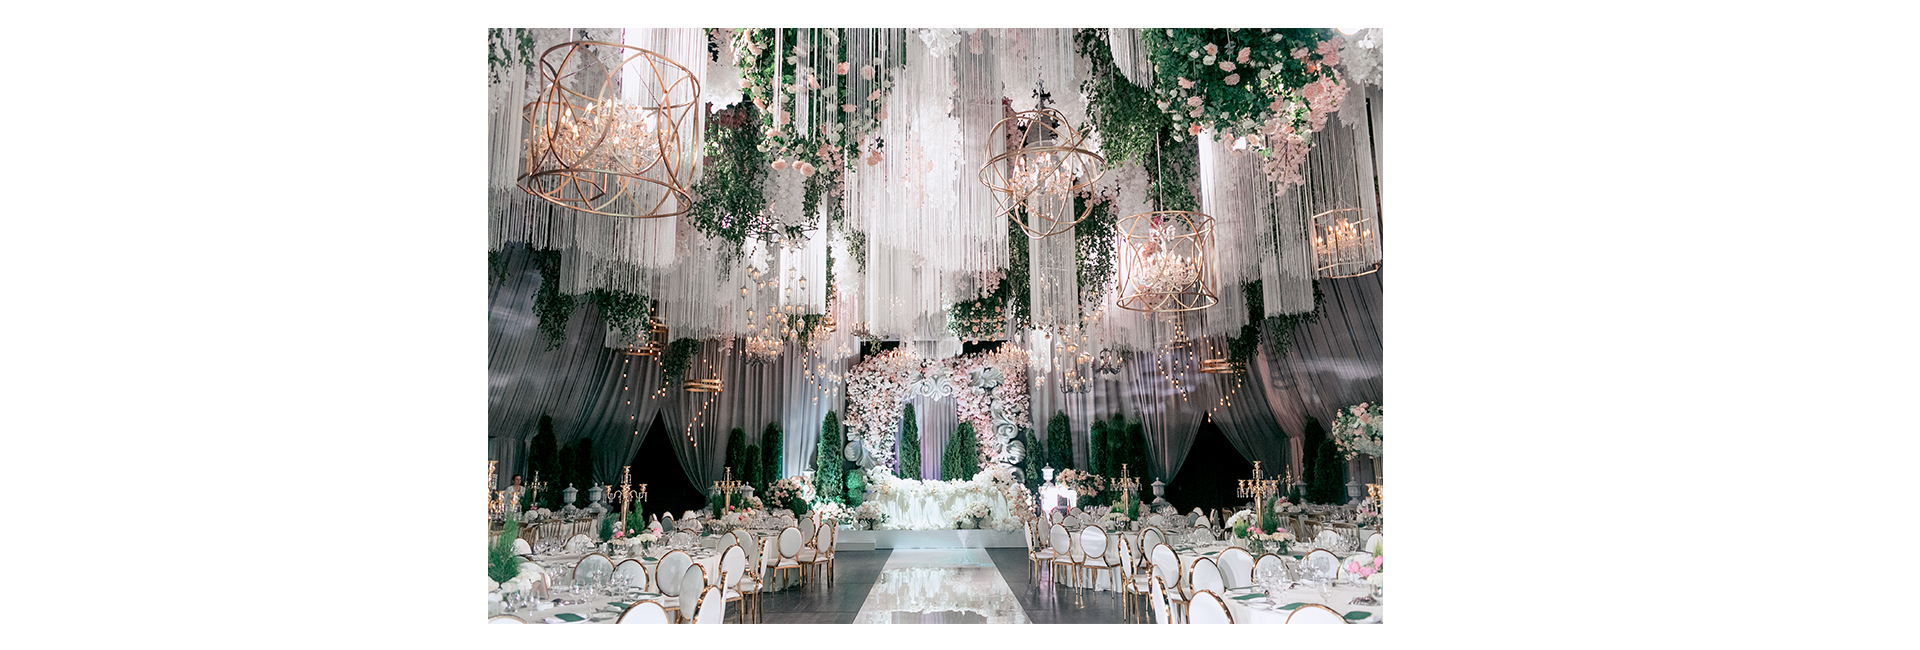 Свадьба мечты: плюсы, минусы и подводные камни (фото 4)